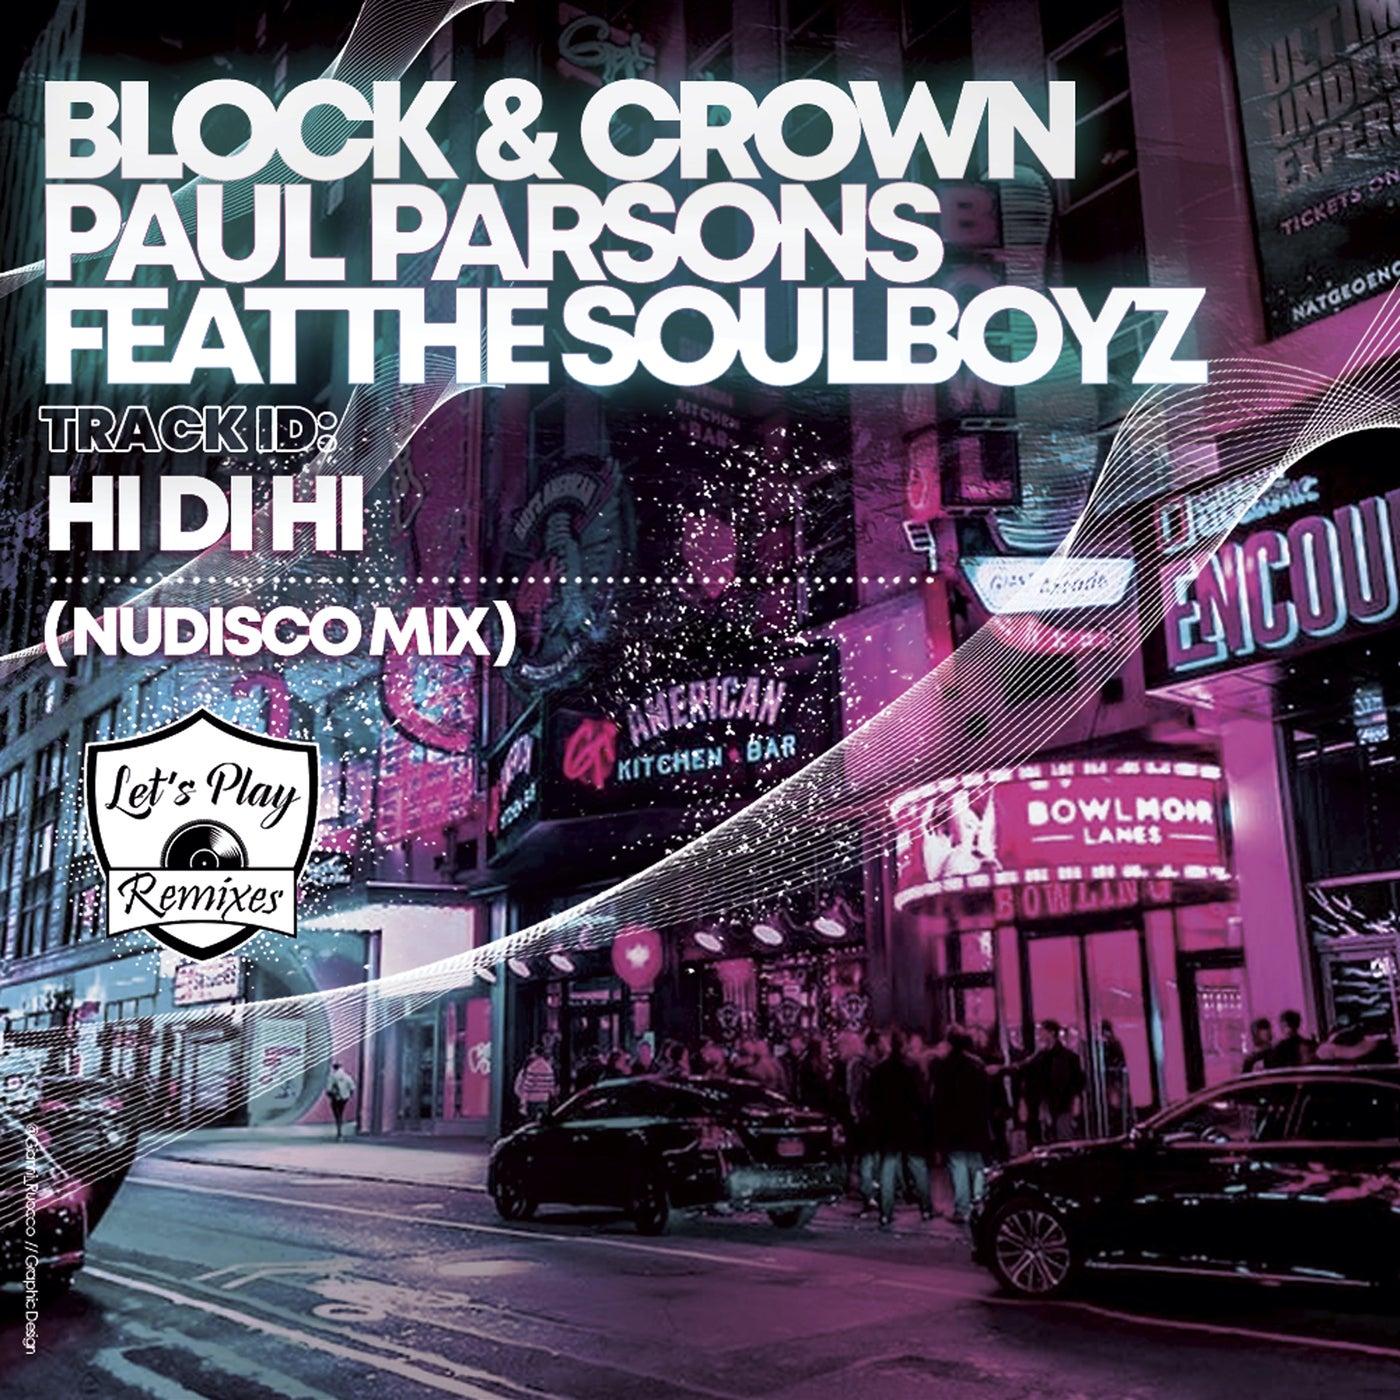 Hi Di Hi (Nudisco Mix) (Nudisco Mix)